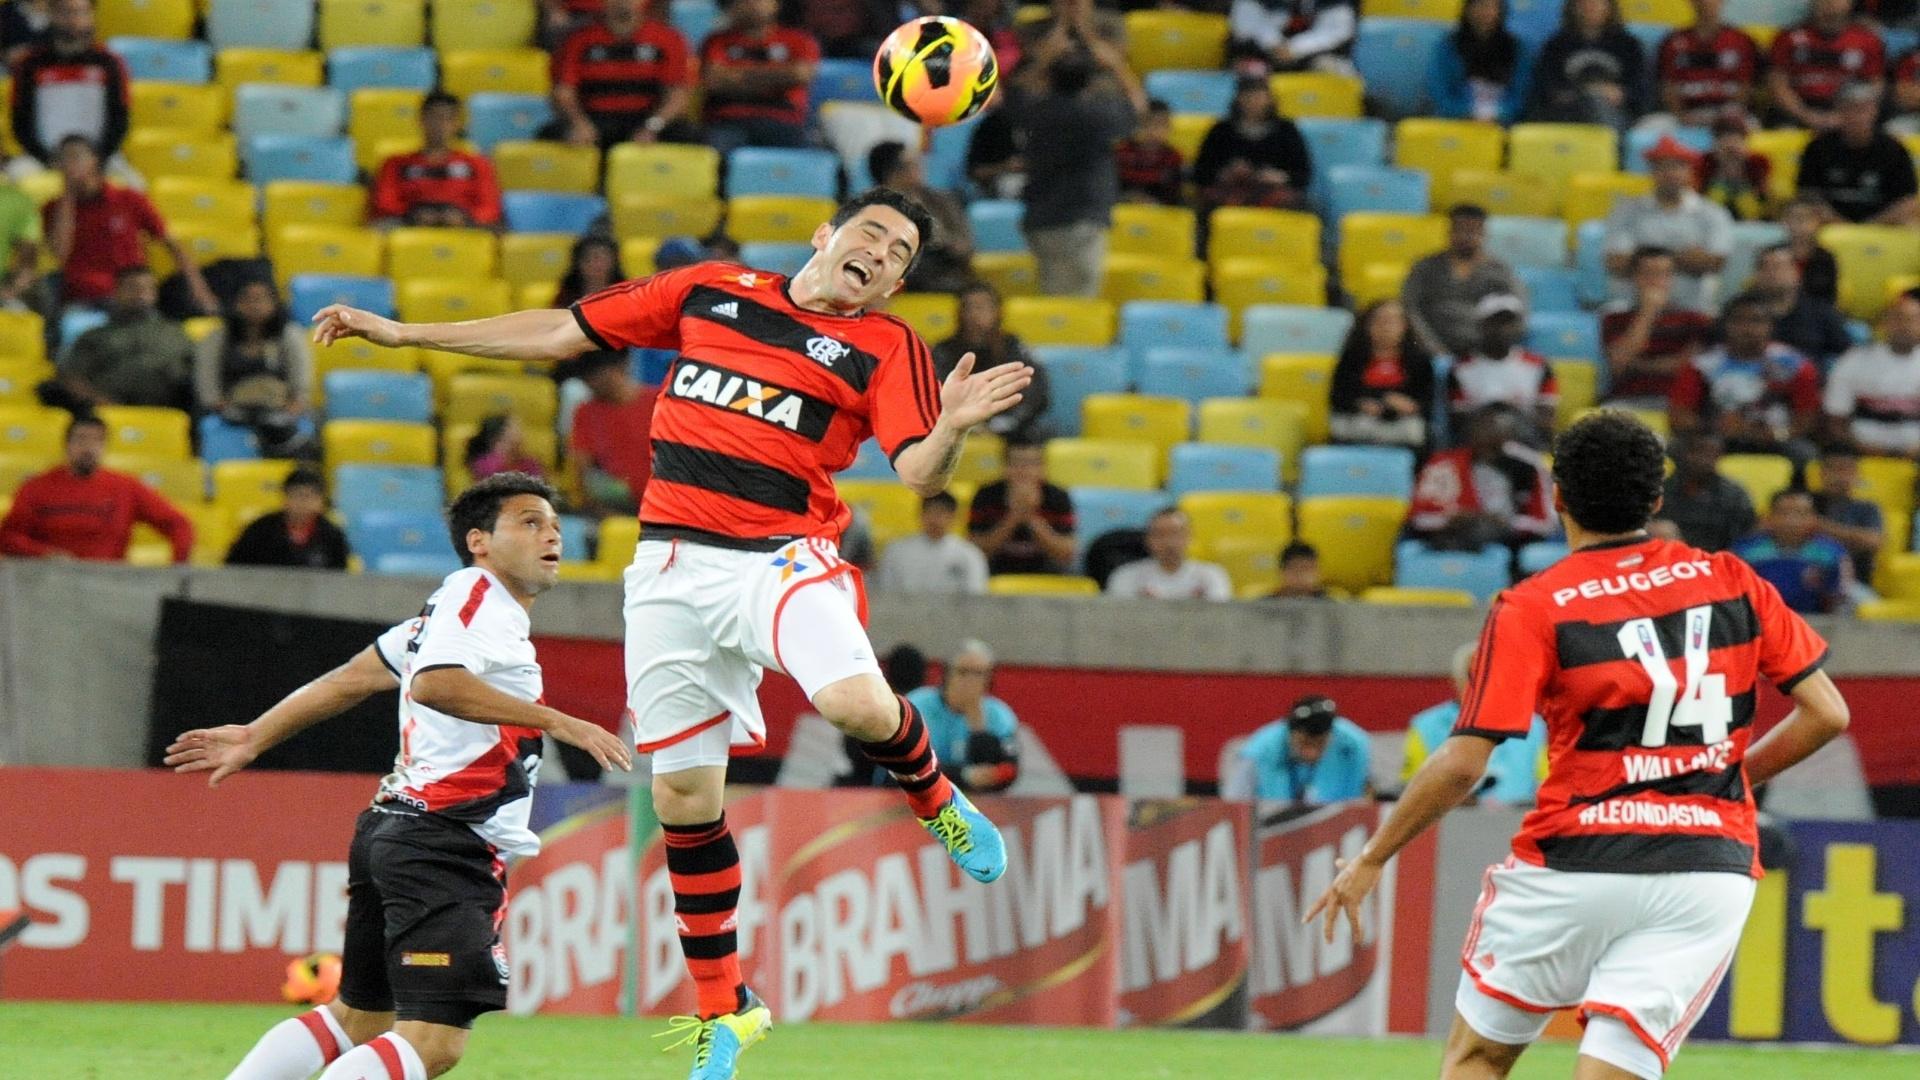 04.set.2013 - Chicão, do Flamengo, e maxi Biancucchi, do Vitória, disputam a bola em jogo válido pela 18ª rodada do Brasileirão